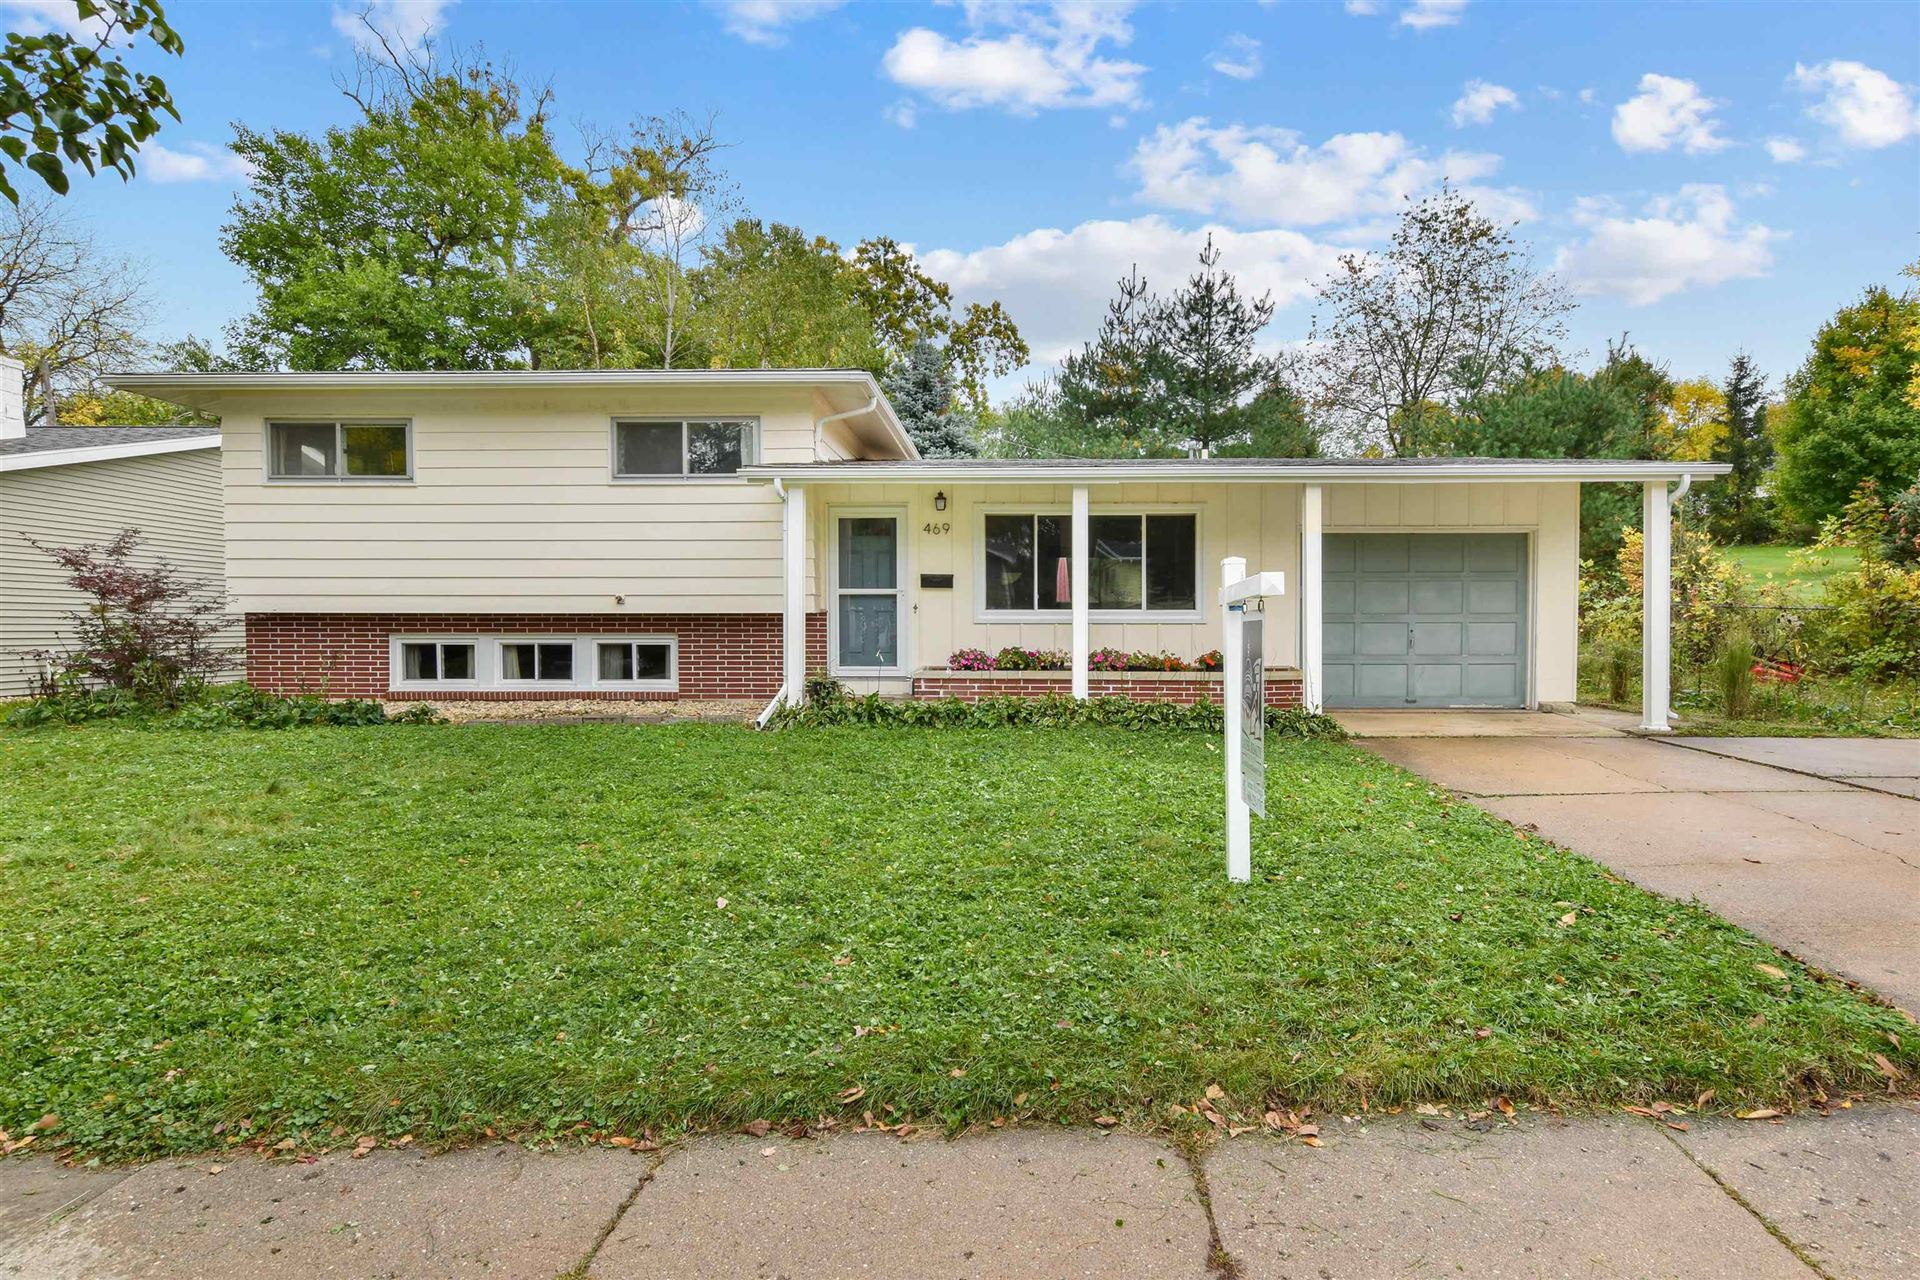 469 S Segoe Rd, Madison, WI 53711 - #: 1922032